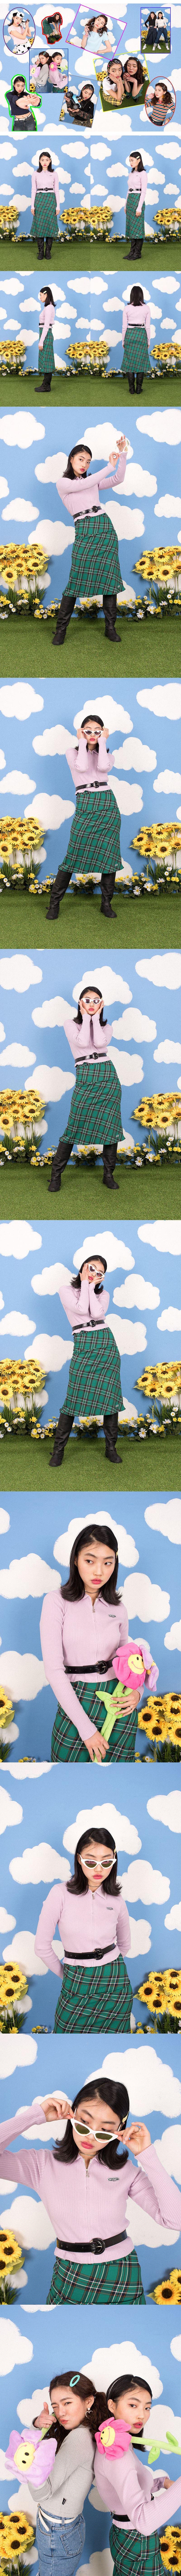 스펑키(SPUNKY) 19 봄 가디건 (라이트바이올렛)